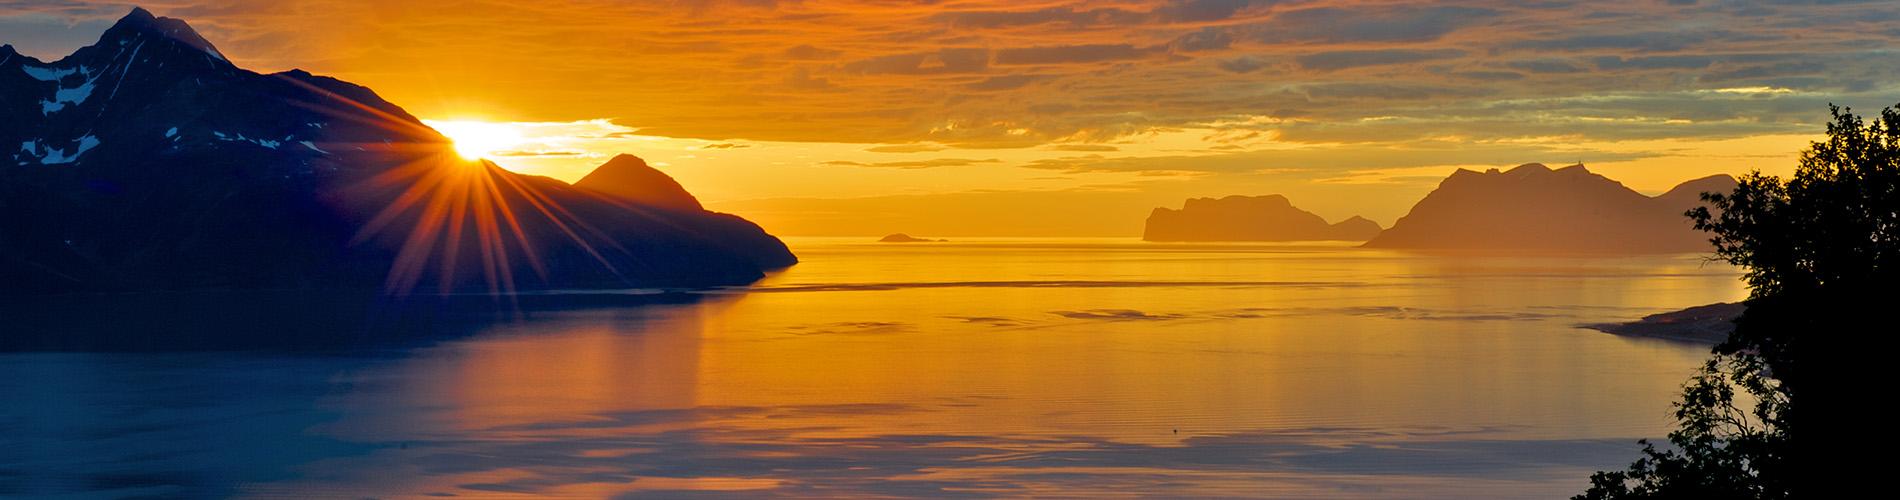 midnight sun - photo #14